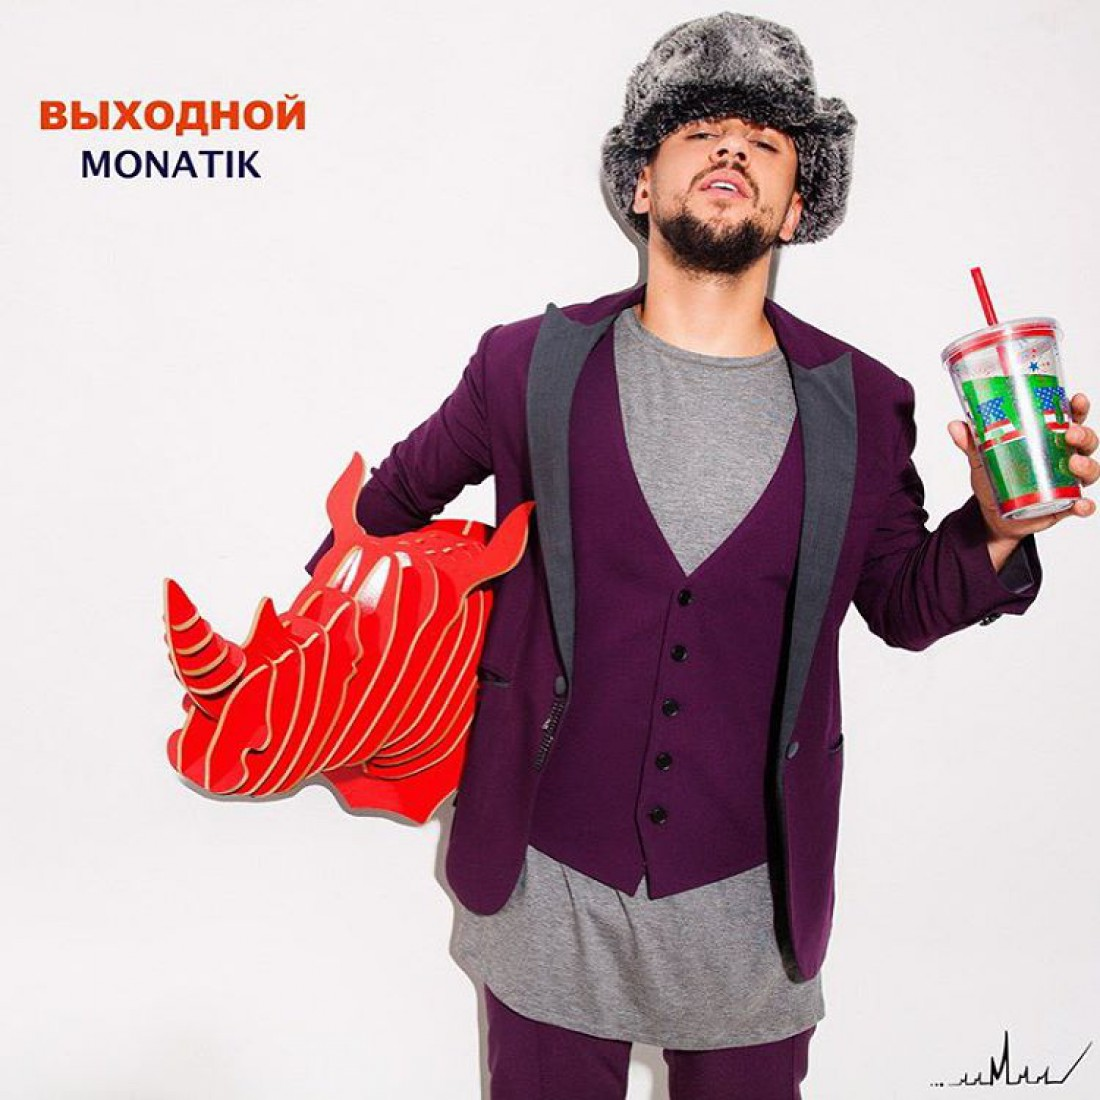 Monatik — сейчас. Mp3 скачать или слушать бесплатно.